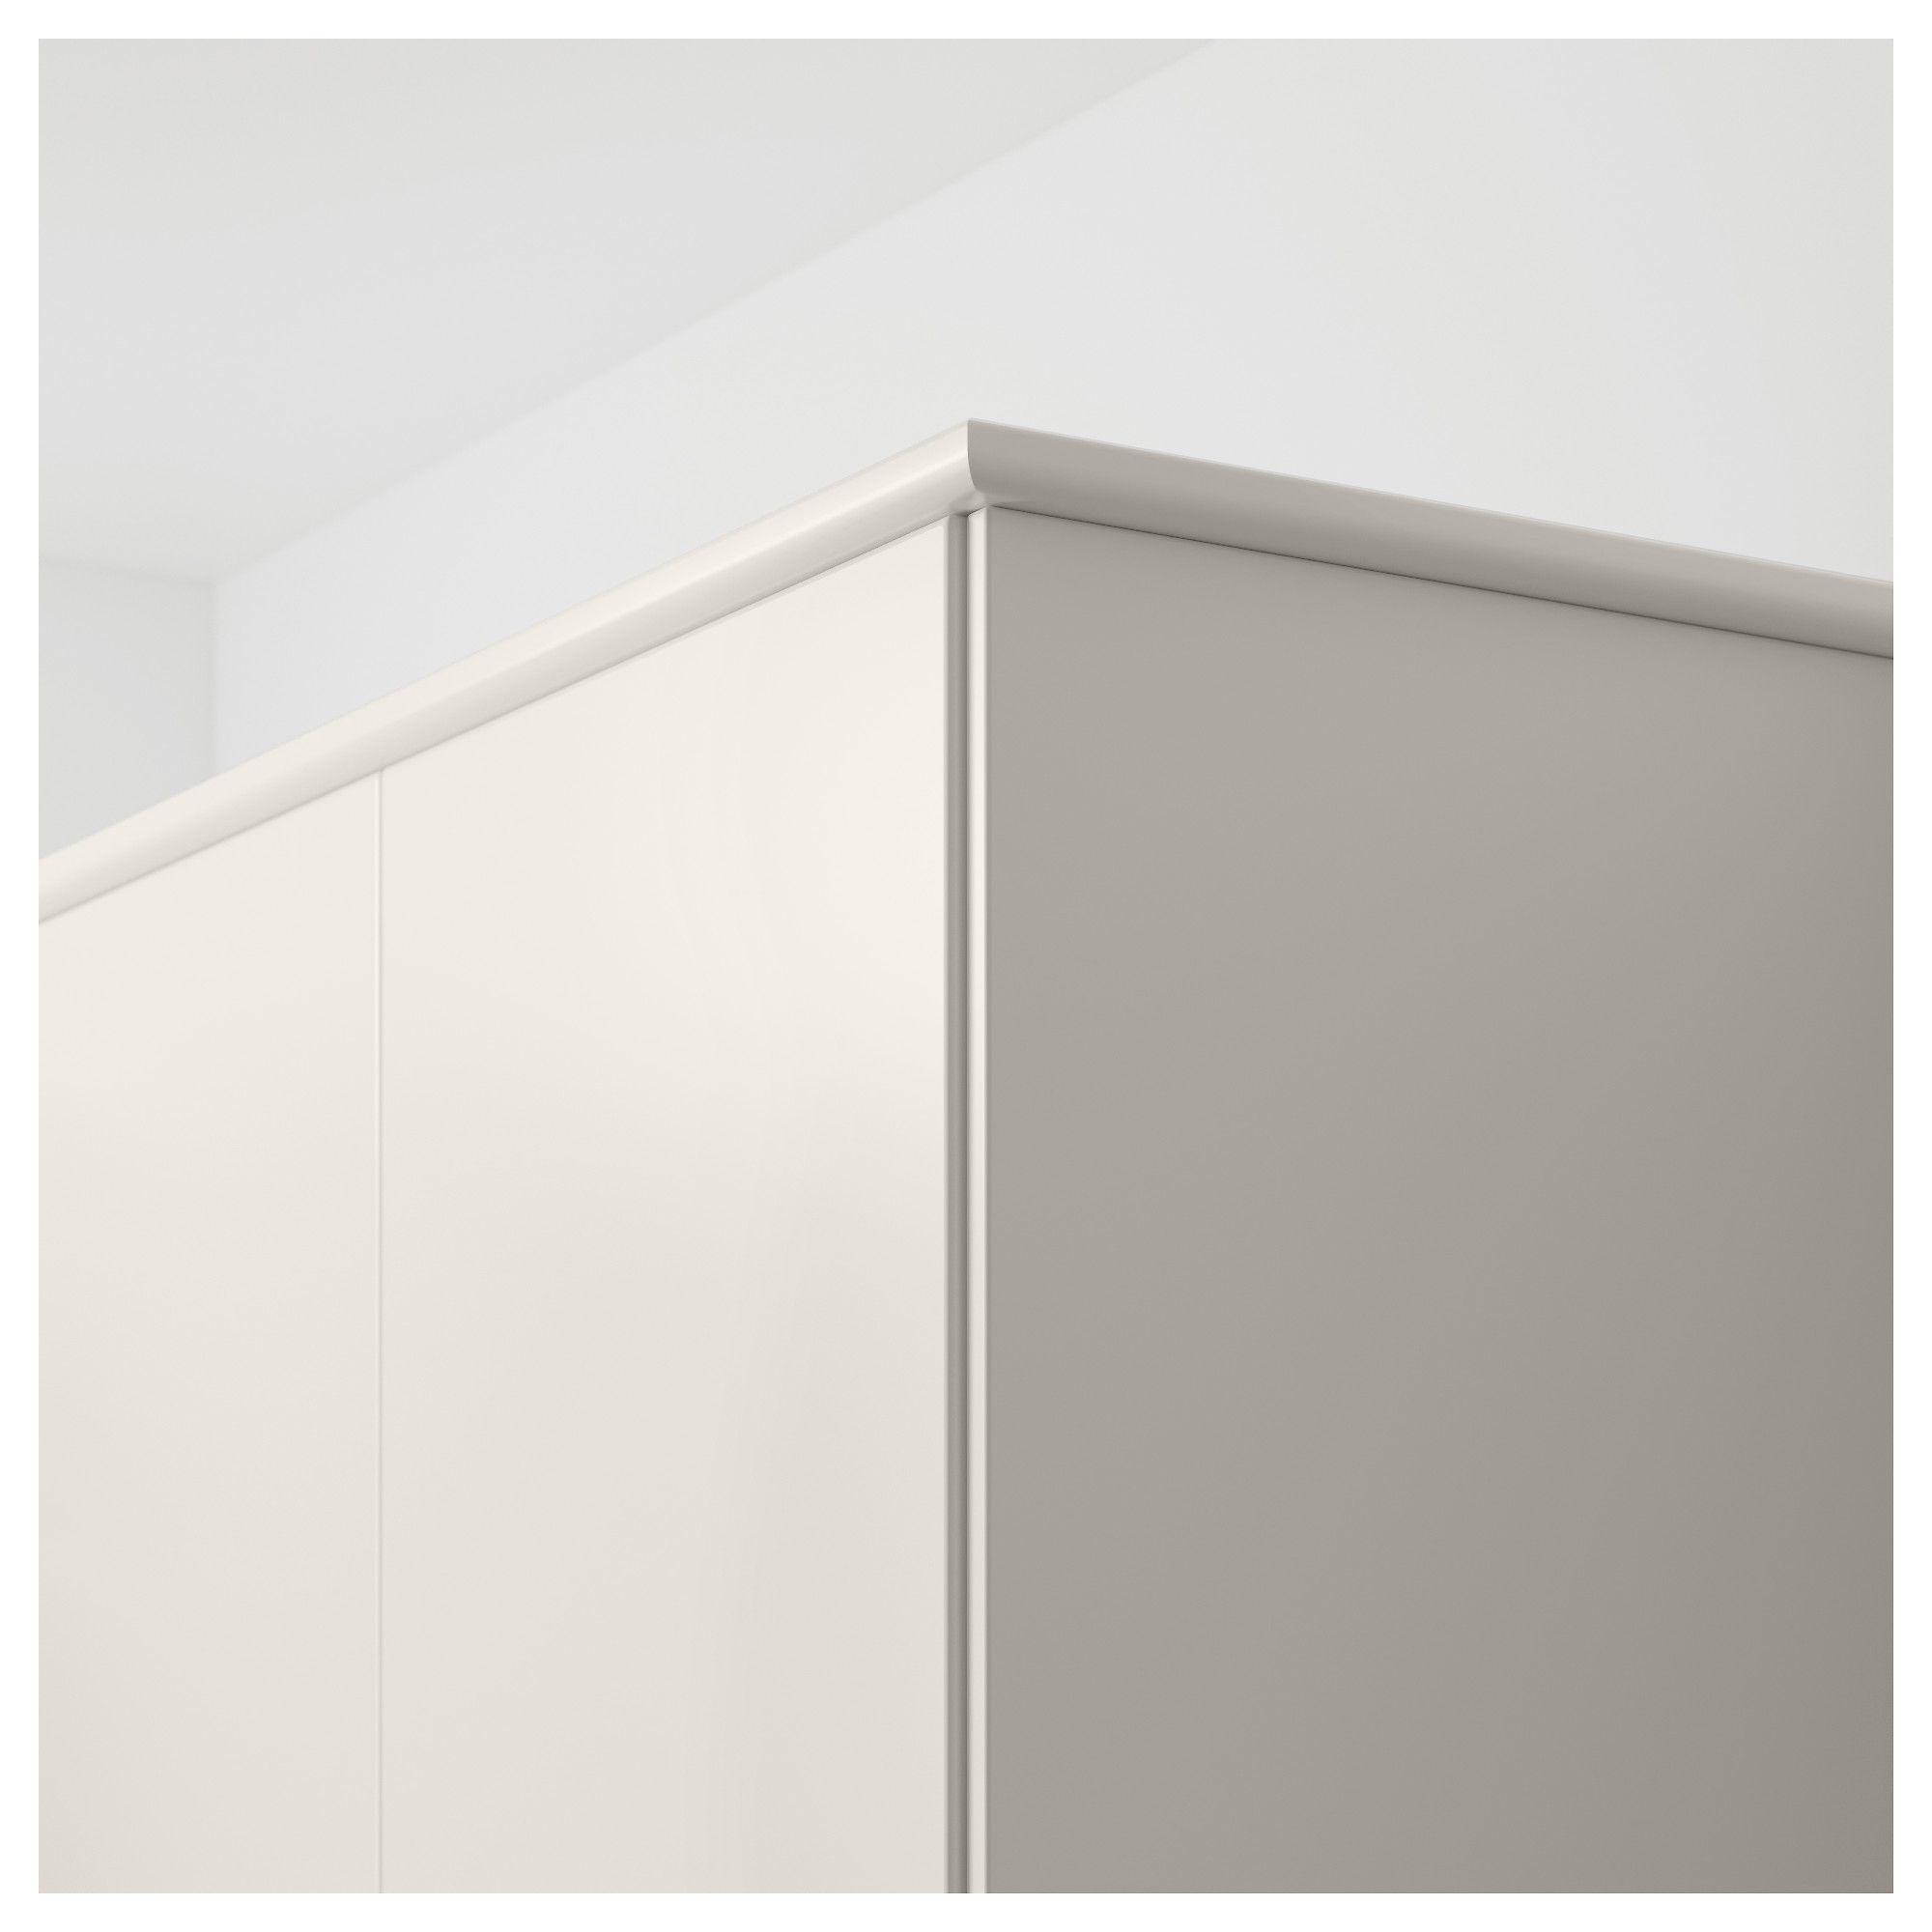 plus grand choix quantité limitée qualité IKEA - FÖRBÄTTRA Bandeau décor arrondi blanc in 2019 ...